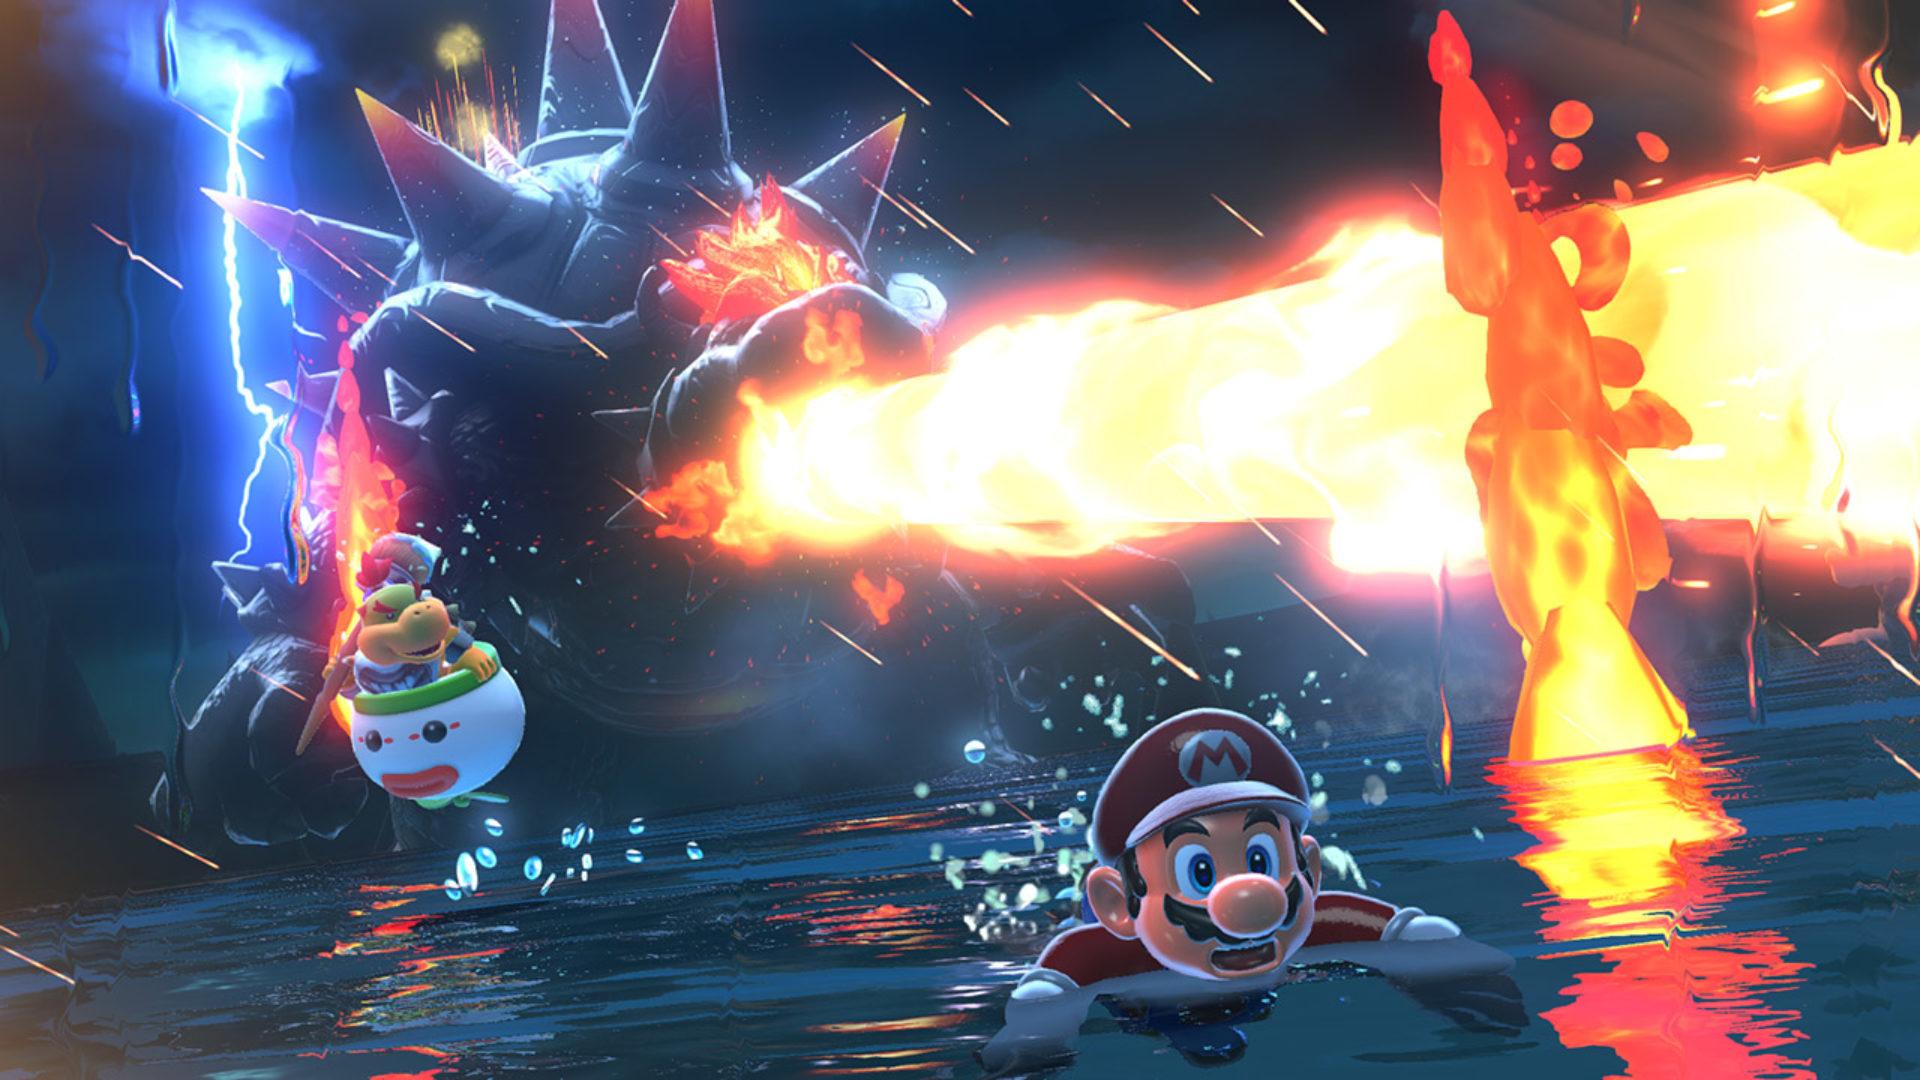 critique super mario 3d world bowser's fury review